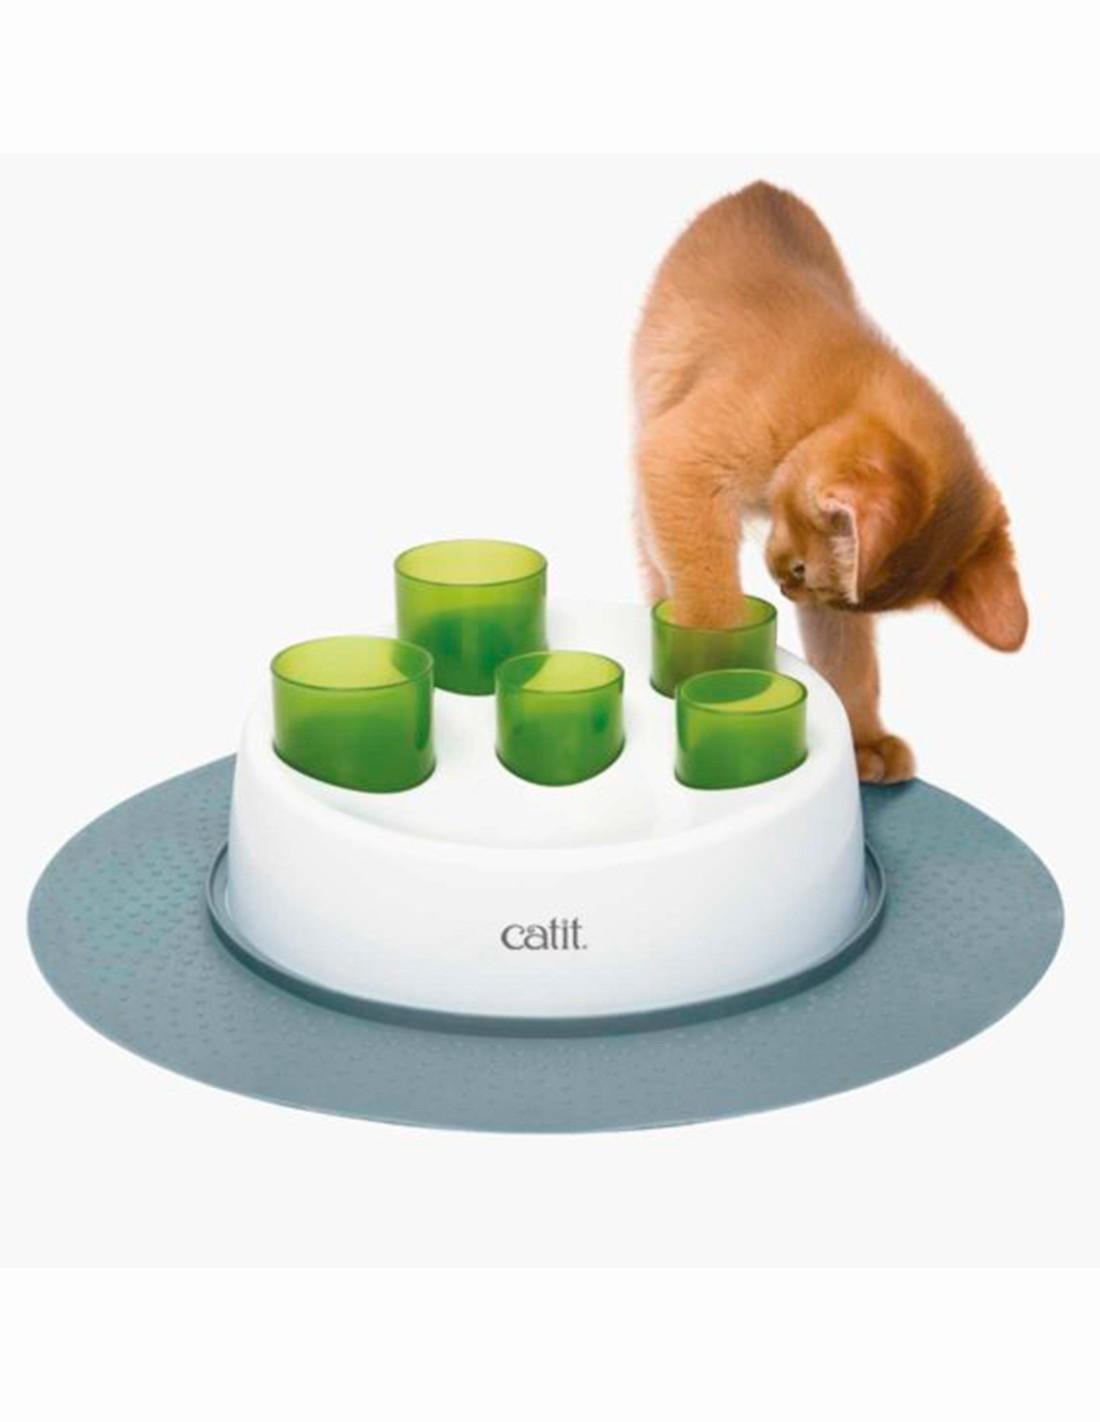 Catit Comedero Digger Interactivo antivoracidad para gatos